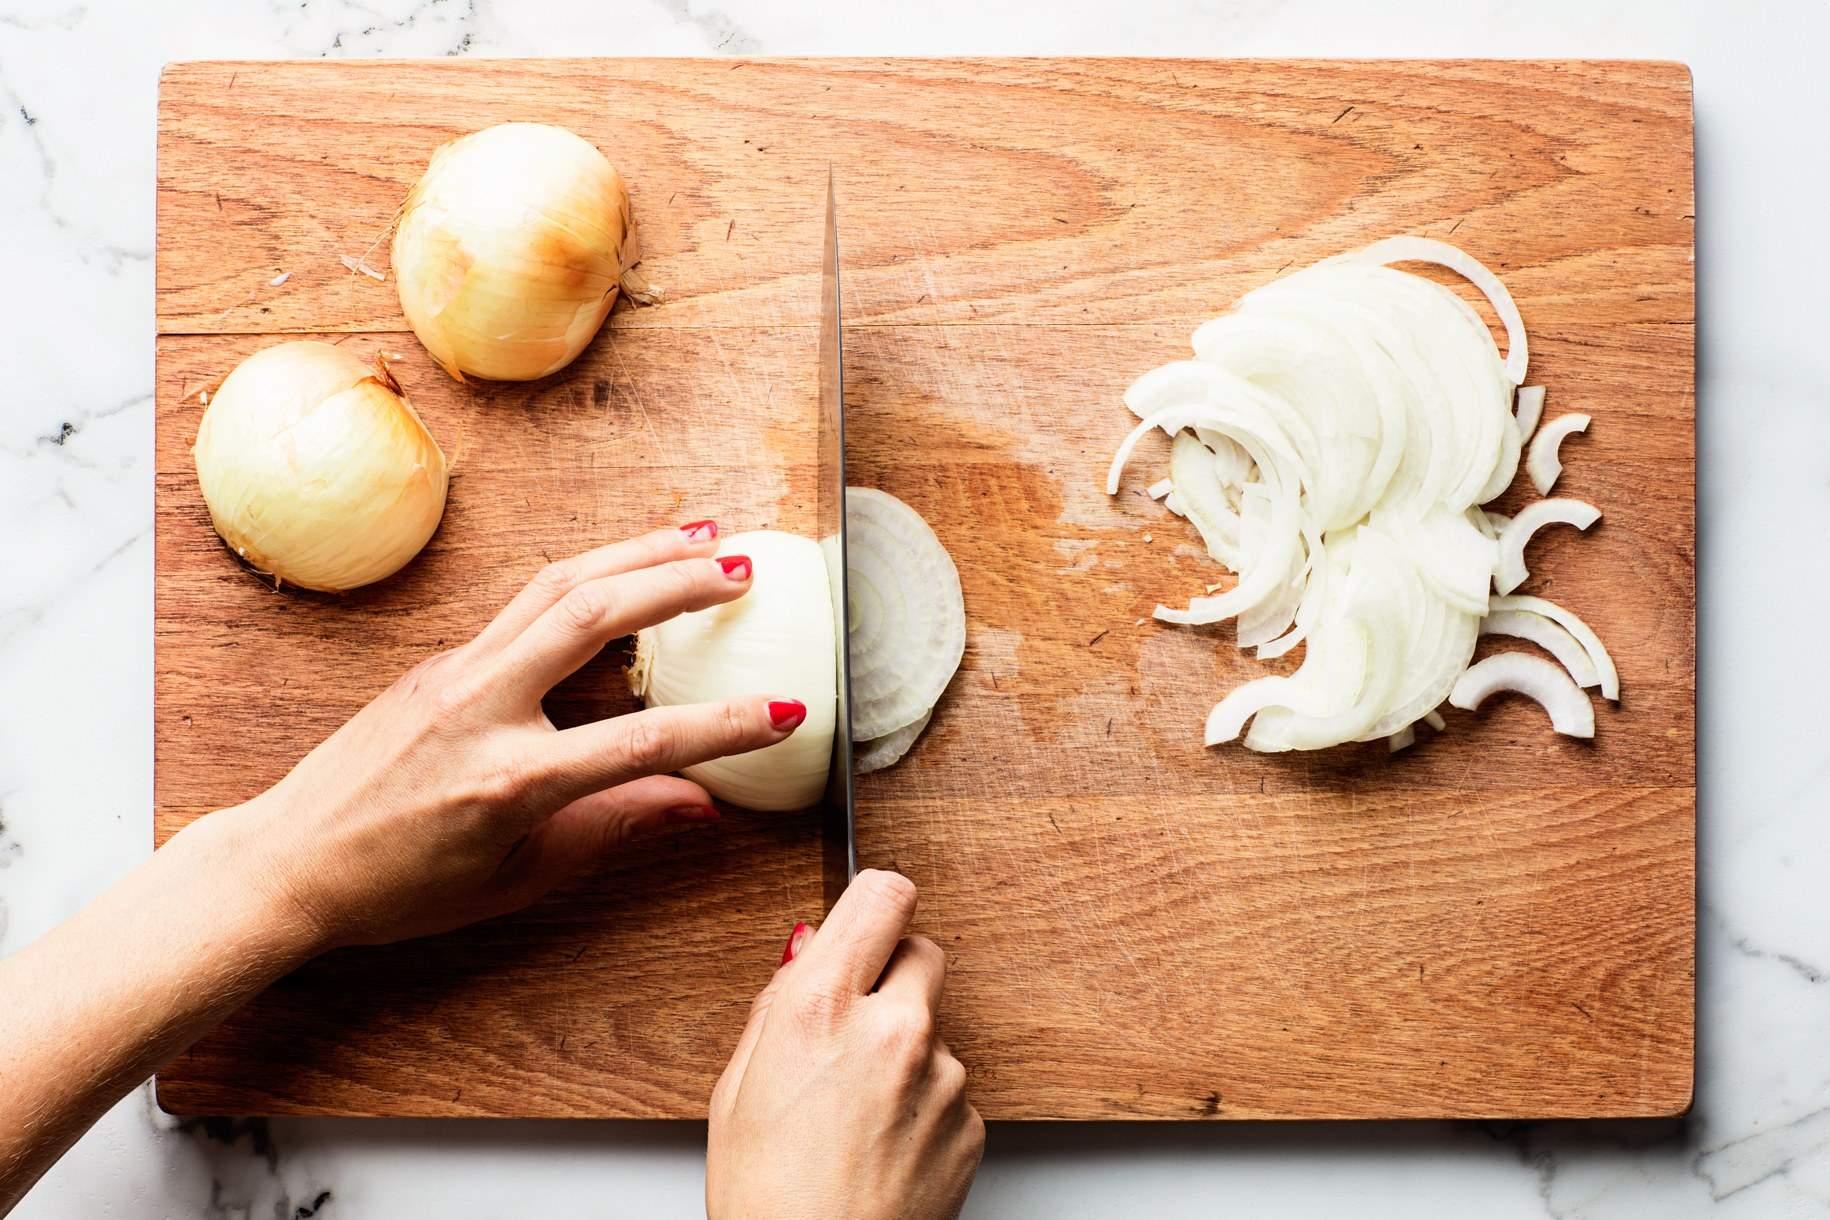 Savjeti: Trikovi koji će vam olakšati kuhanje